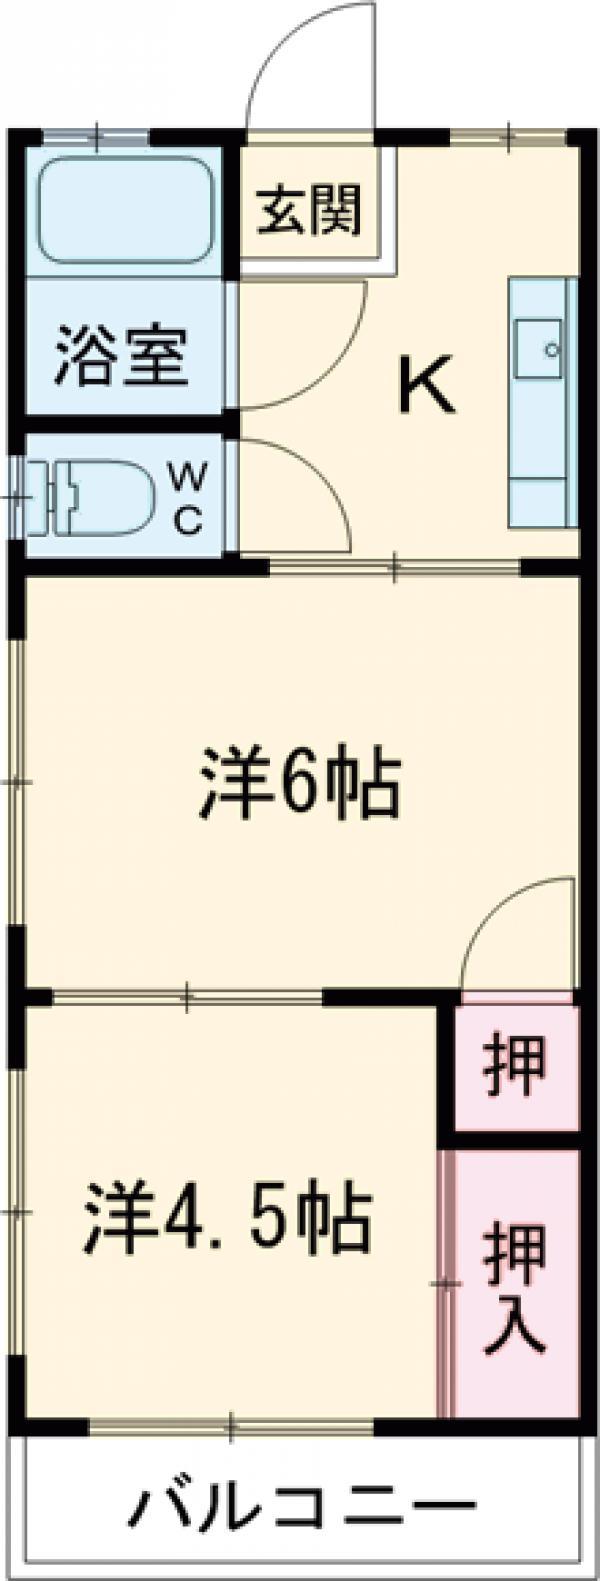 栄荘・101号室の間取り